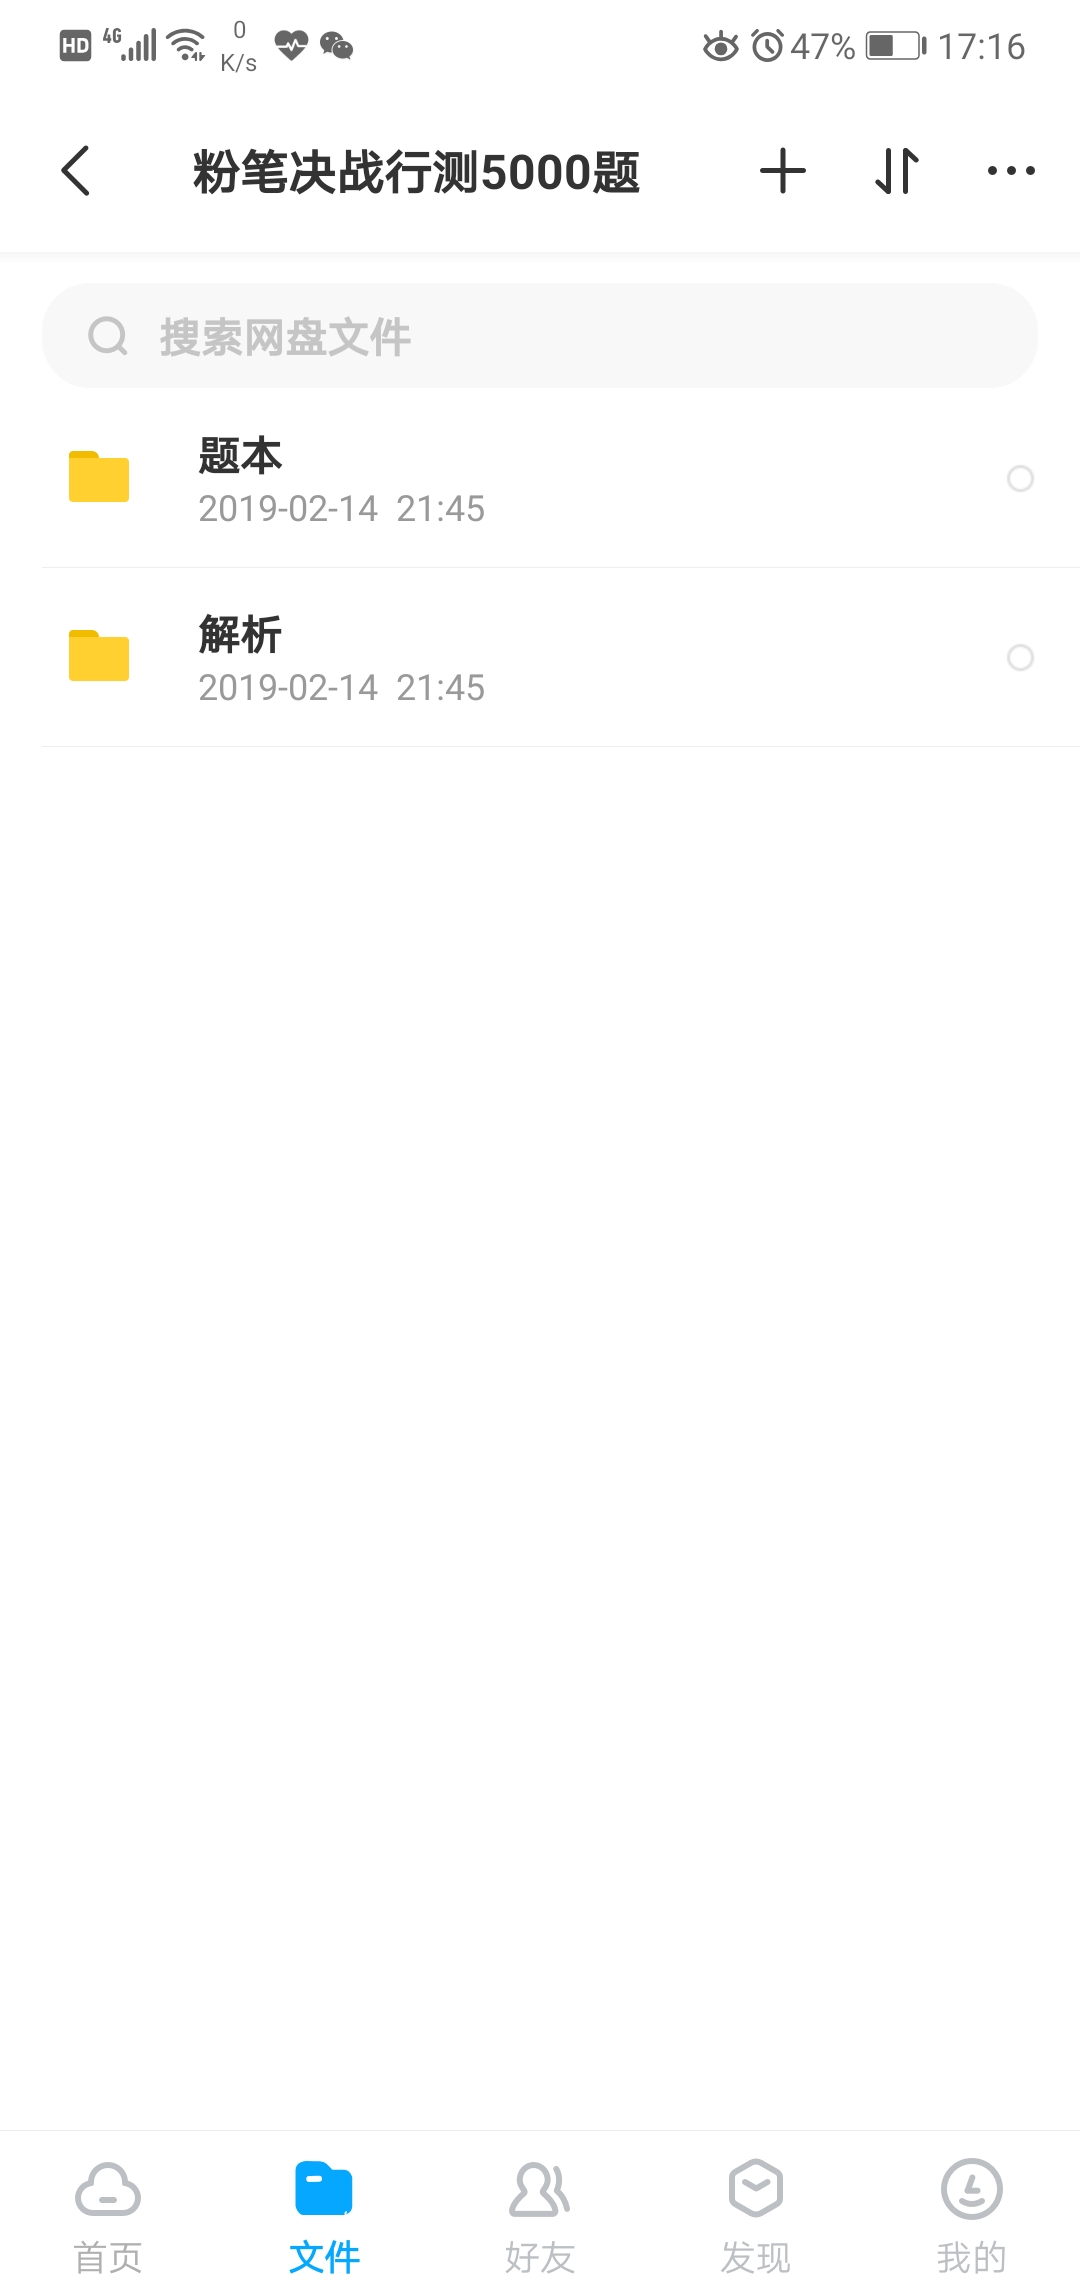 Screenshot_20190222_171656_com.baidu.netdisk.jpg